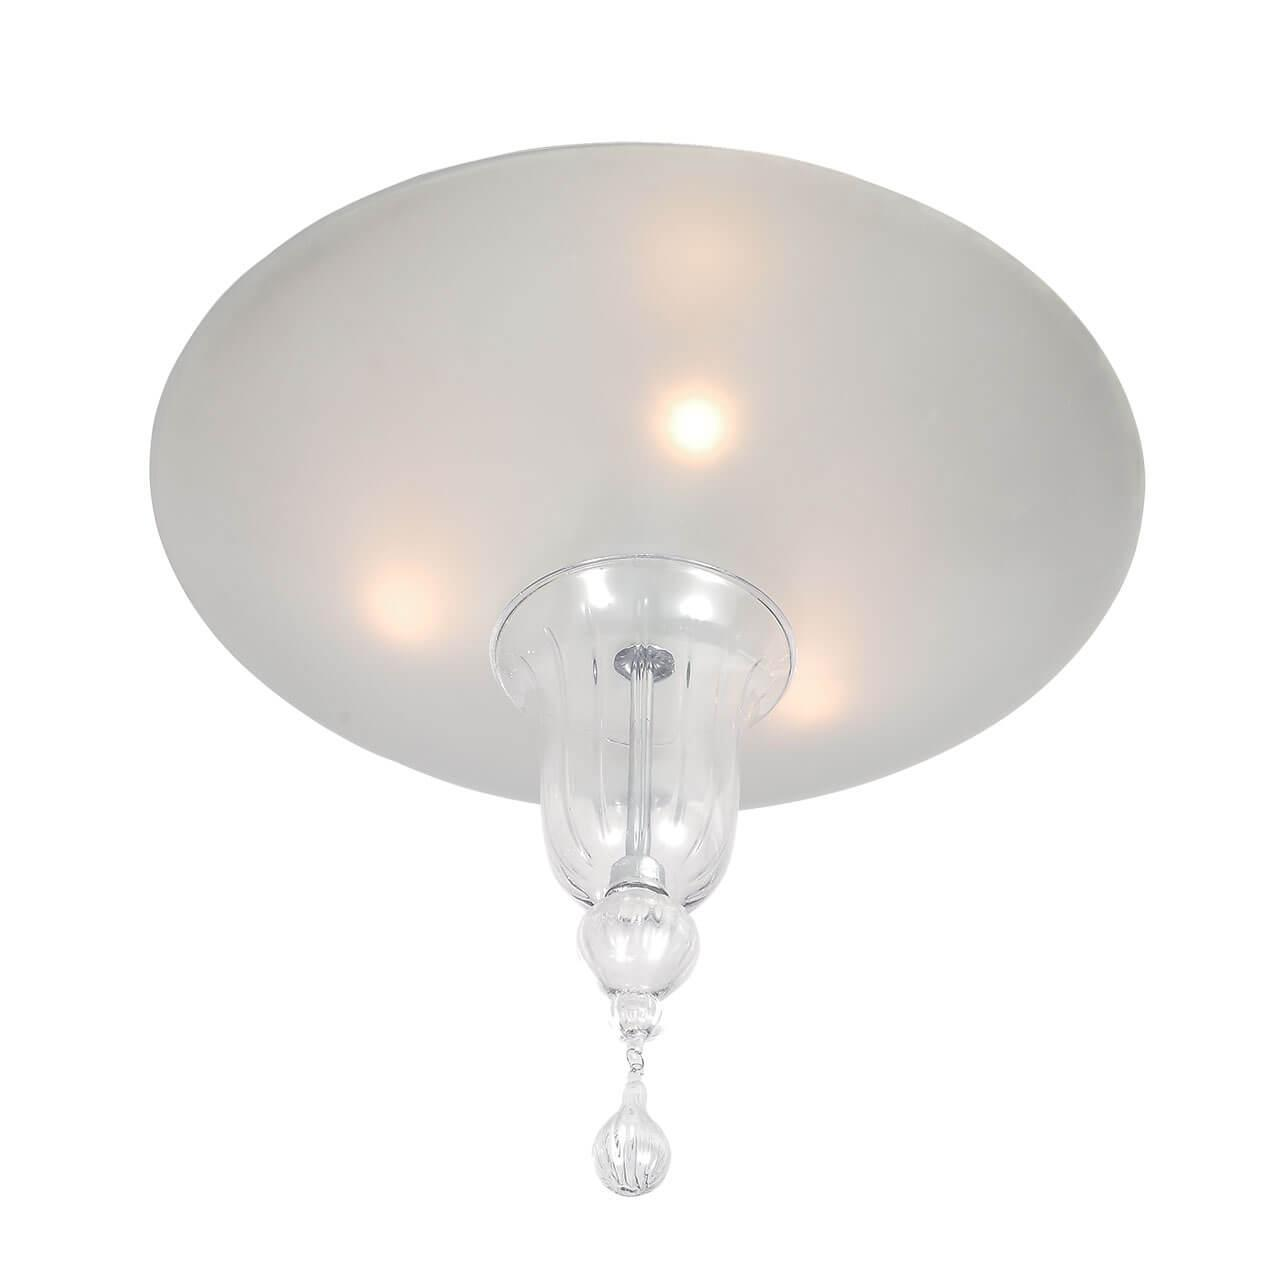 Потолочный светильник Divinare Goccia 4002/02 PL-3 divinare потолочный светильник divinare biscotto 4005 01 pl 3